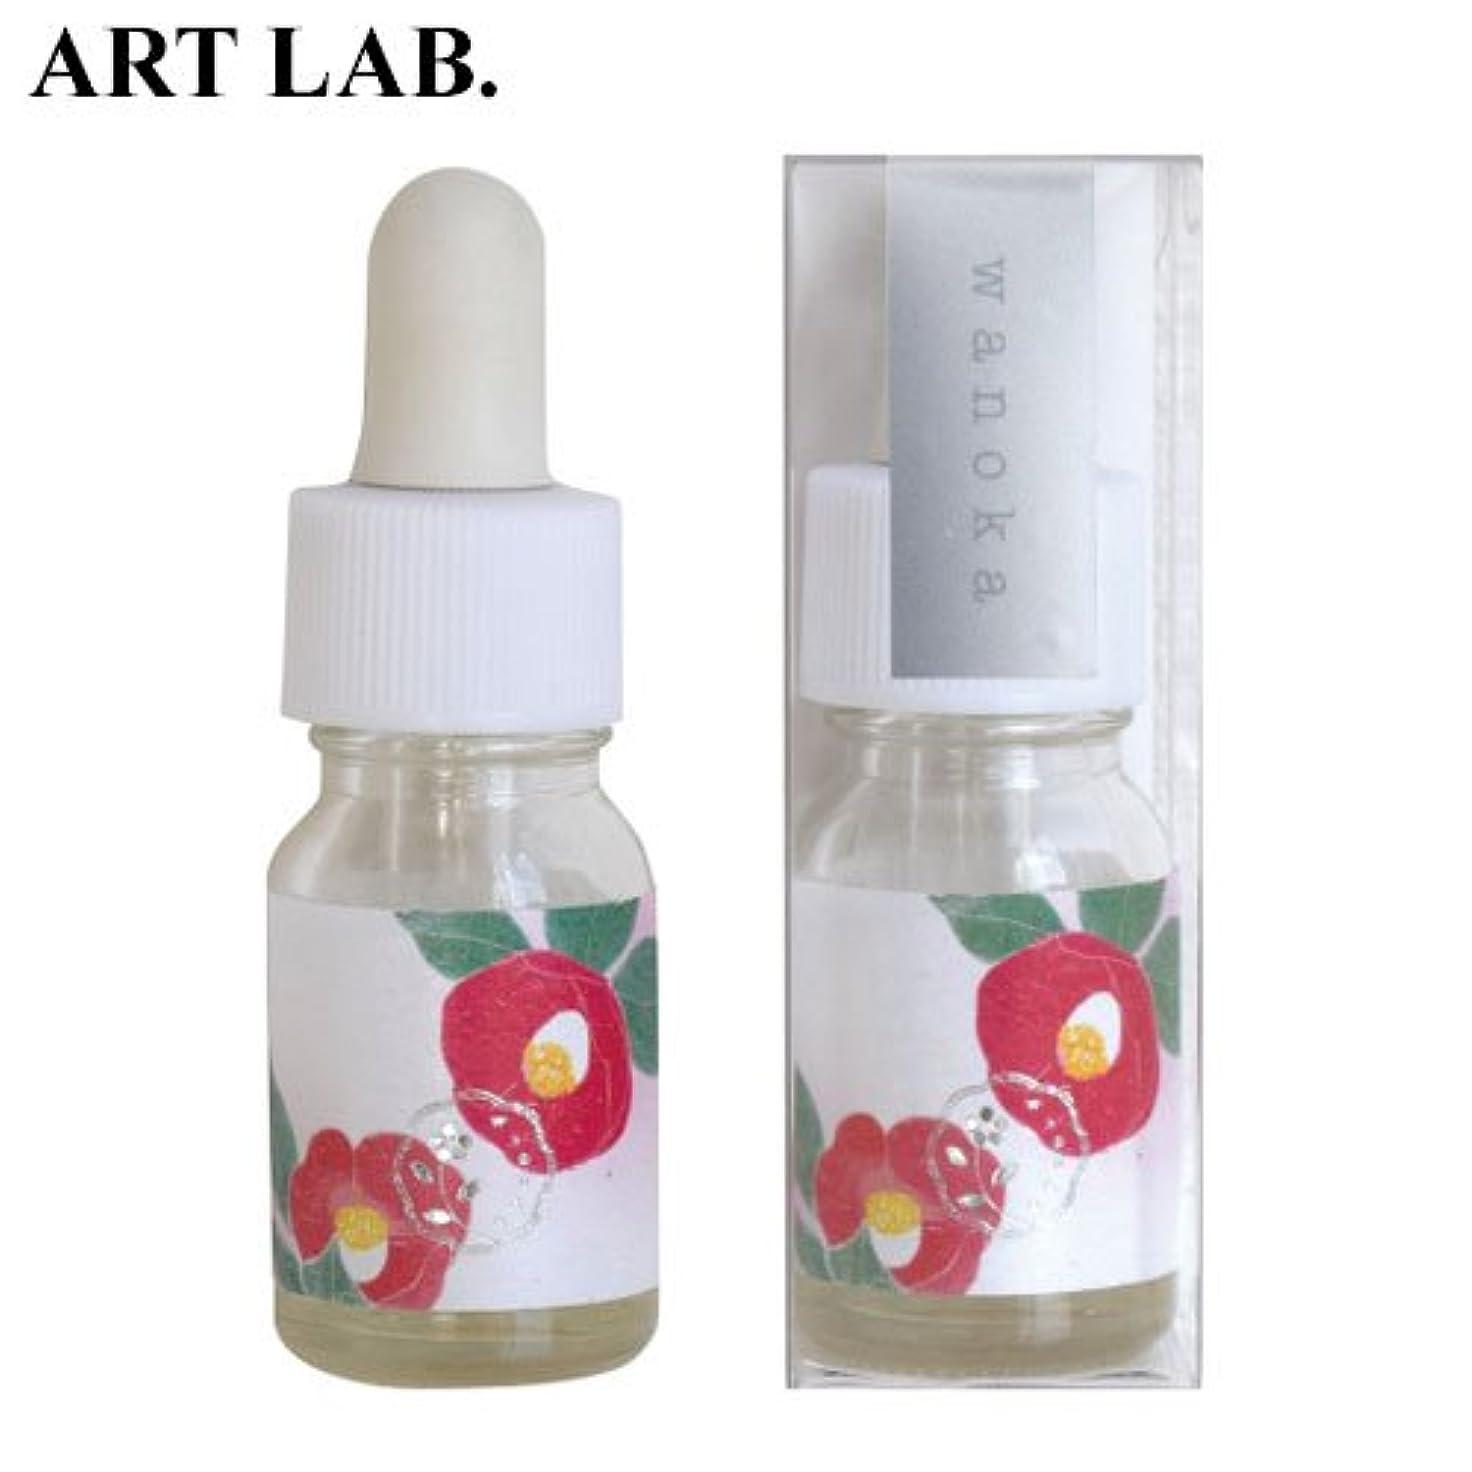 二年生服少しwanoka香油アロマオイル椿《おしとやかで深みのある香り》ART LABAromatic oil